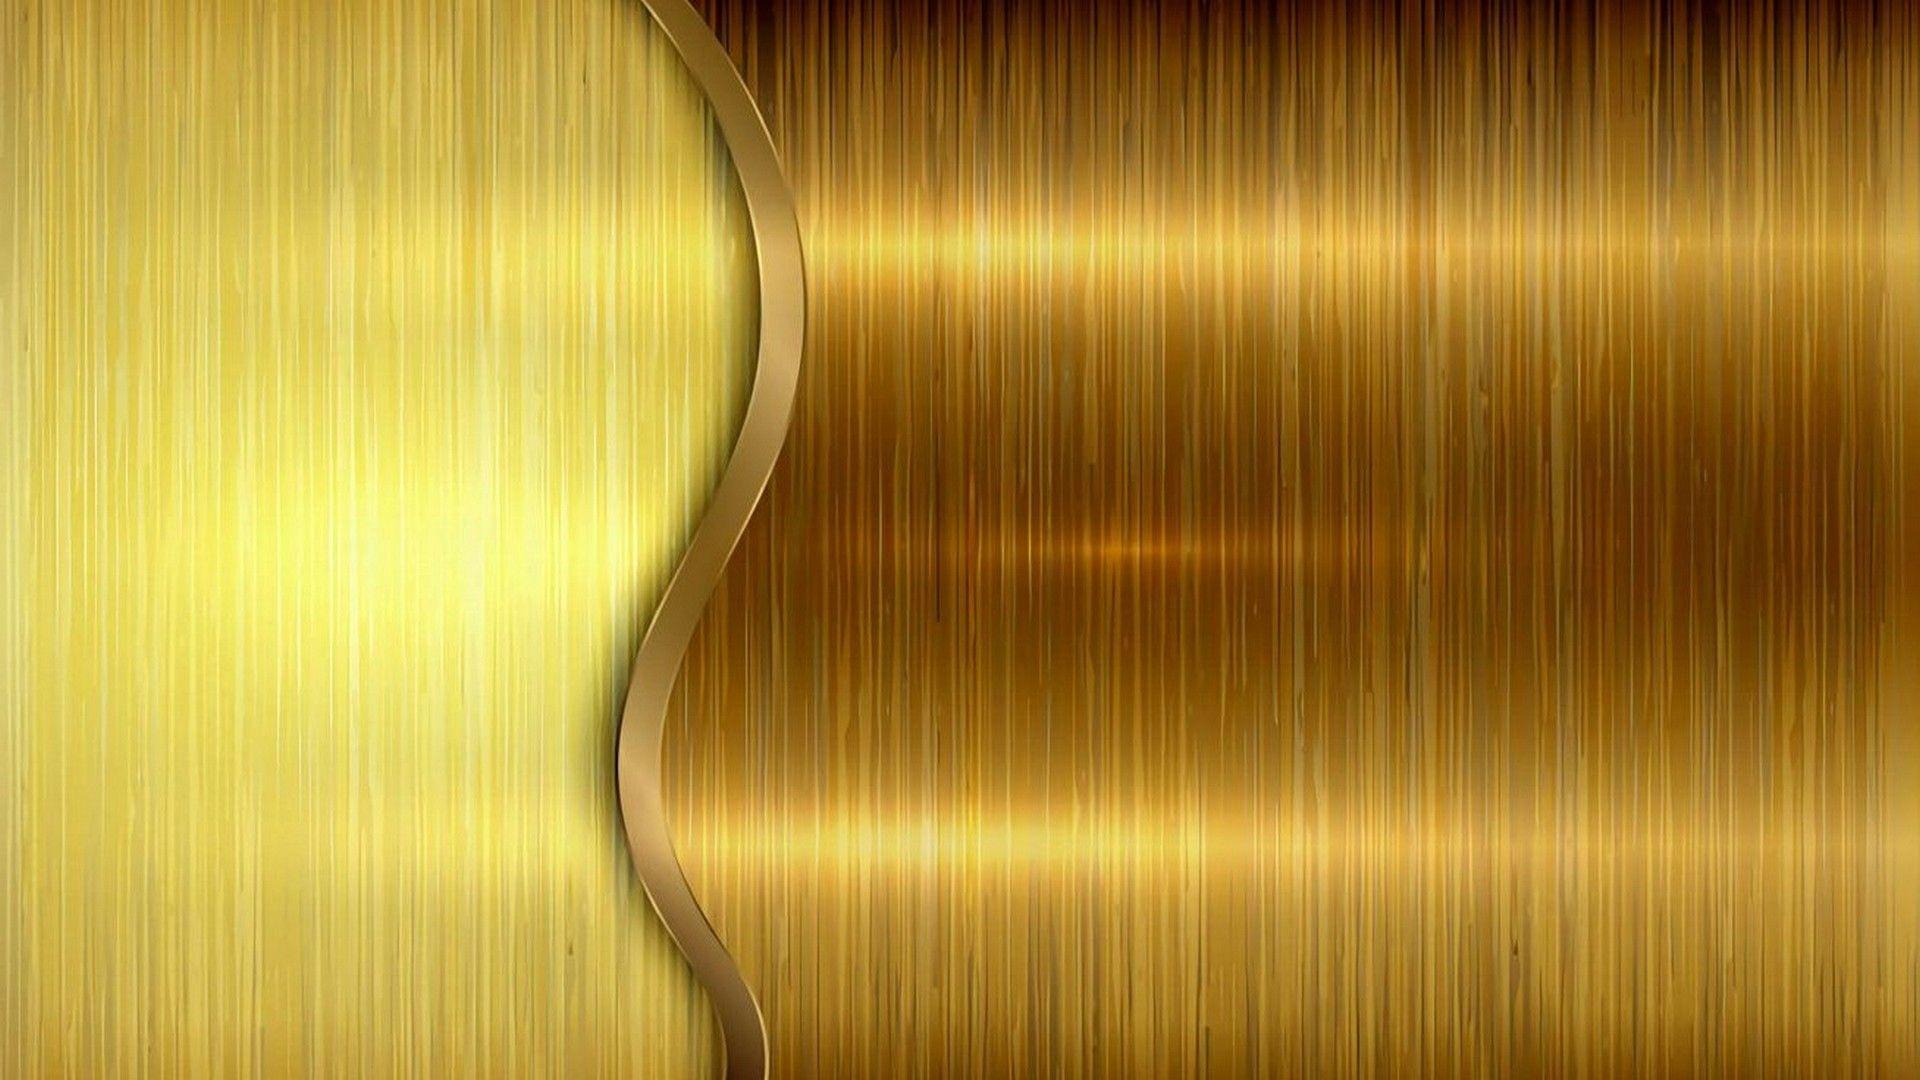 Pc Wallpaper Golden Best Hd Wallpapers Hd Wallpaper Gold Wallpaper Iphone Wallpaper